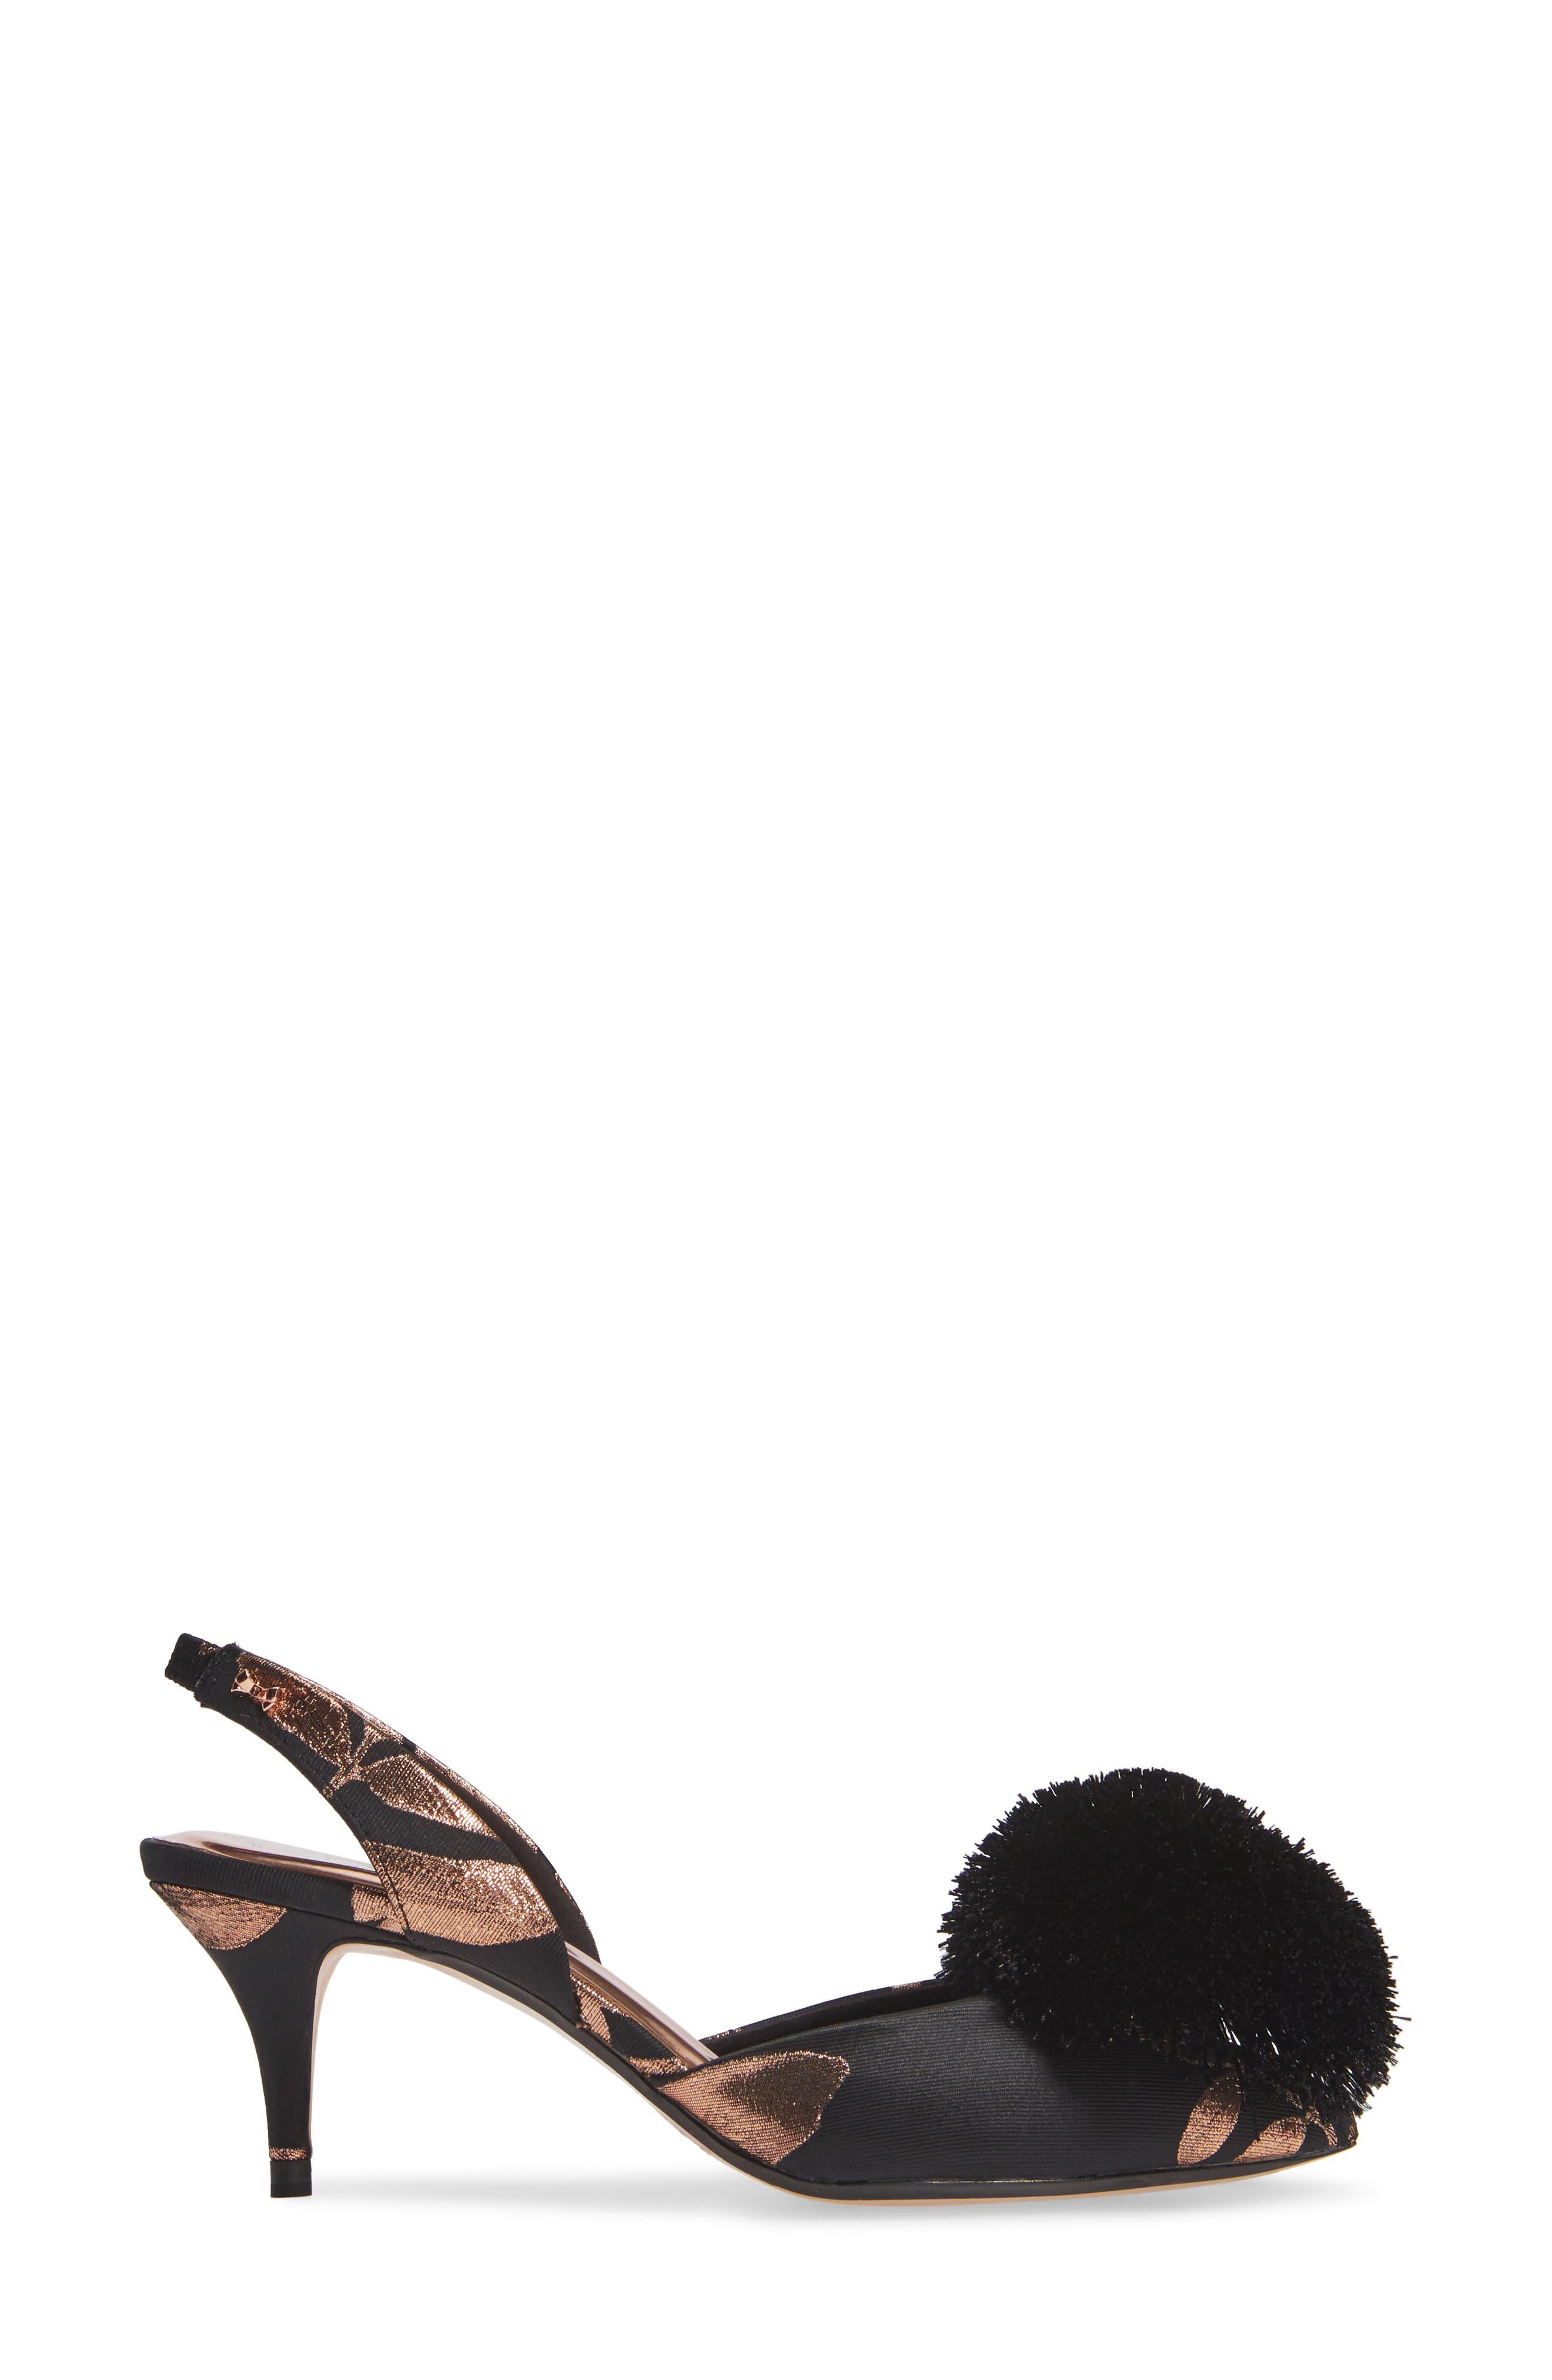 Mikali Yarn Pouf Sandal,                             Alternate thumbnail 3, color,                             BLACK KIRSTEN BOSCH